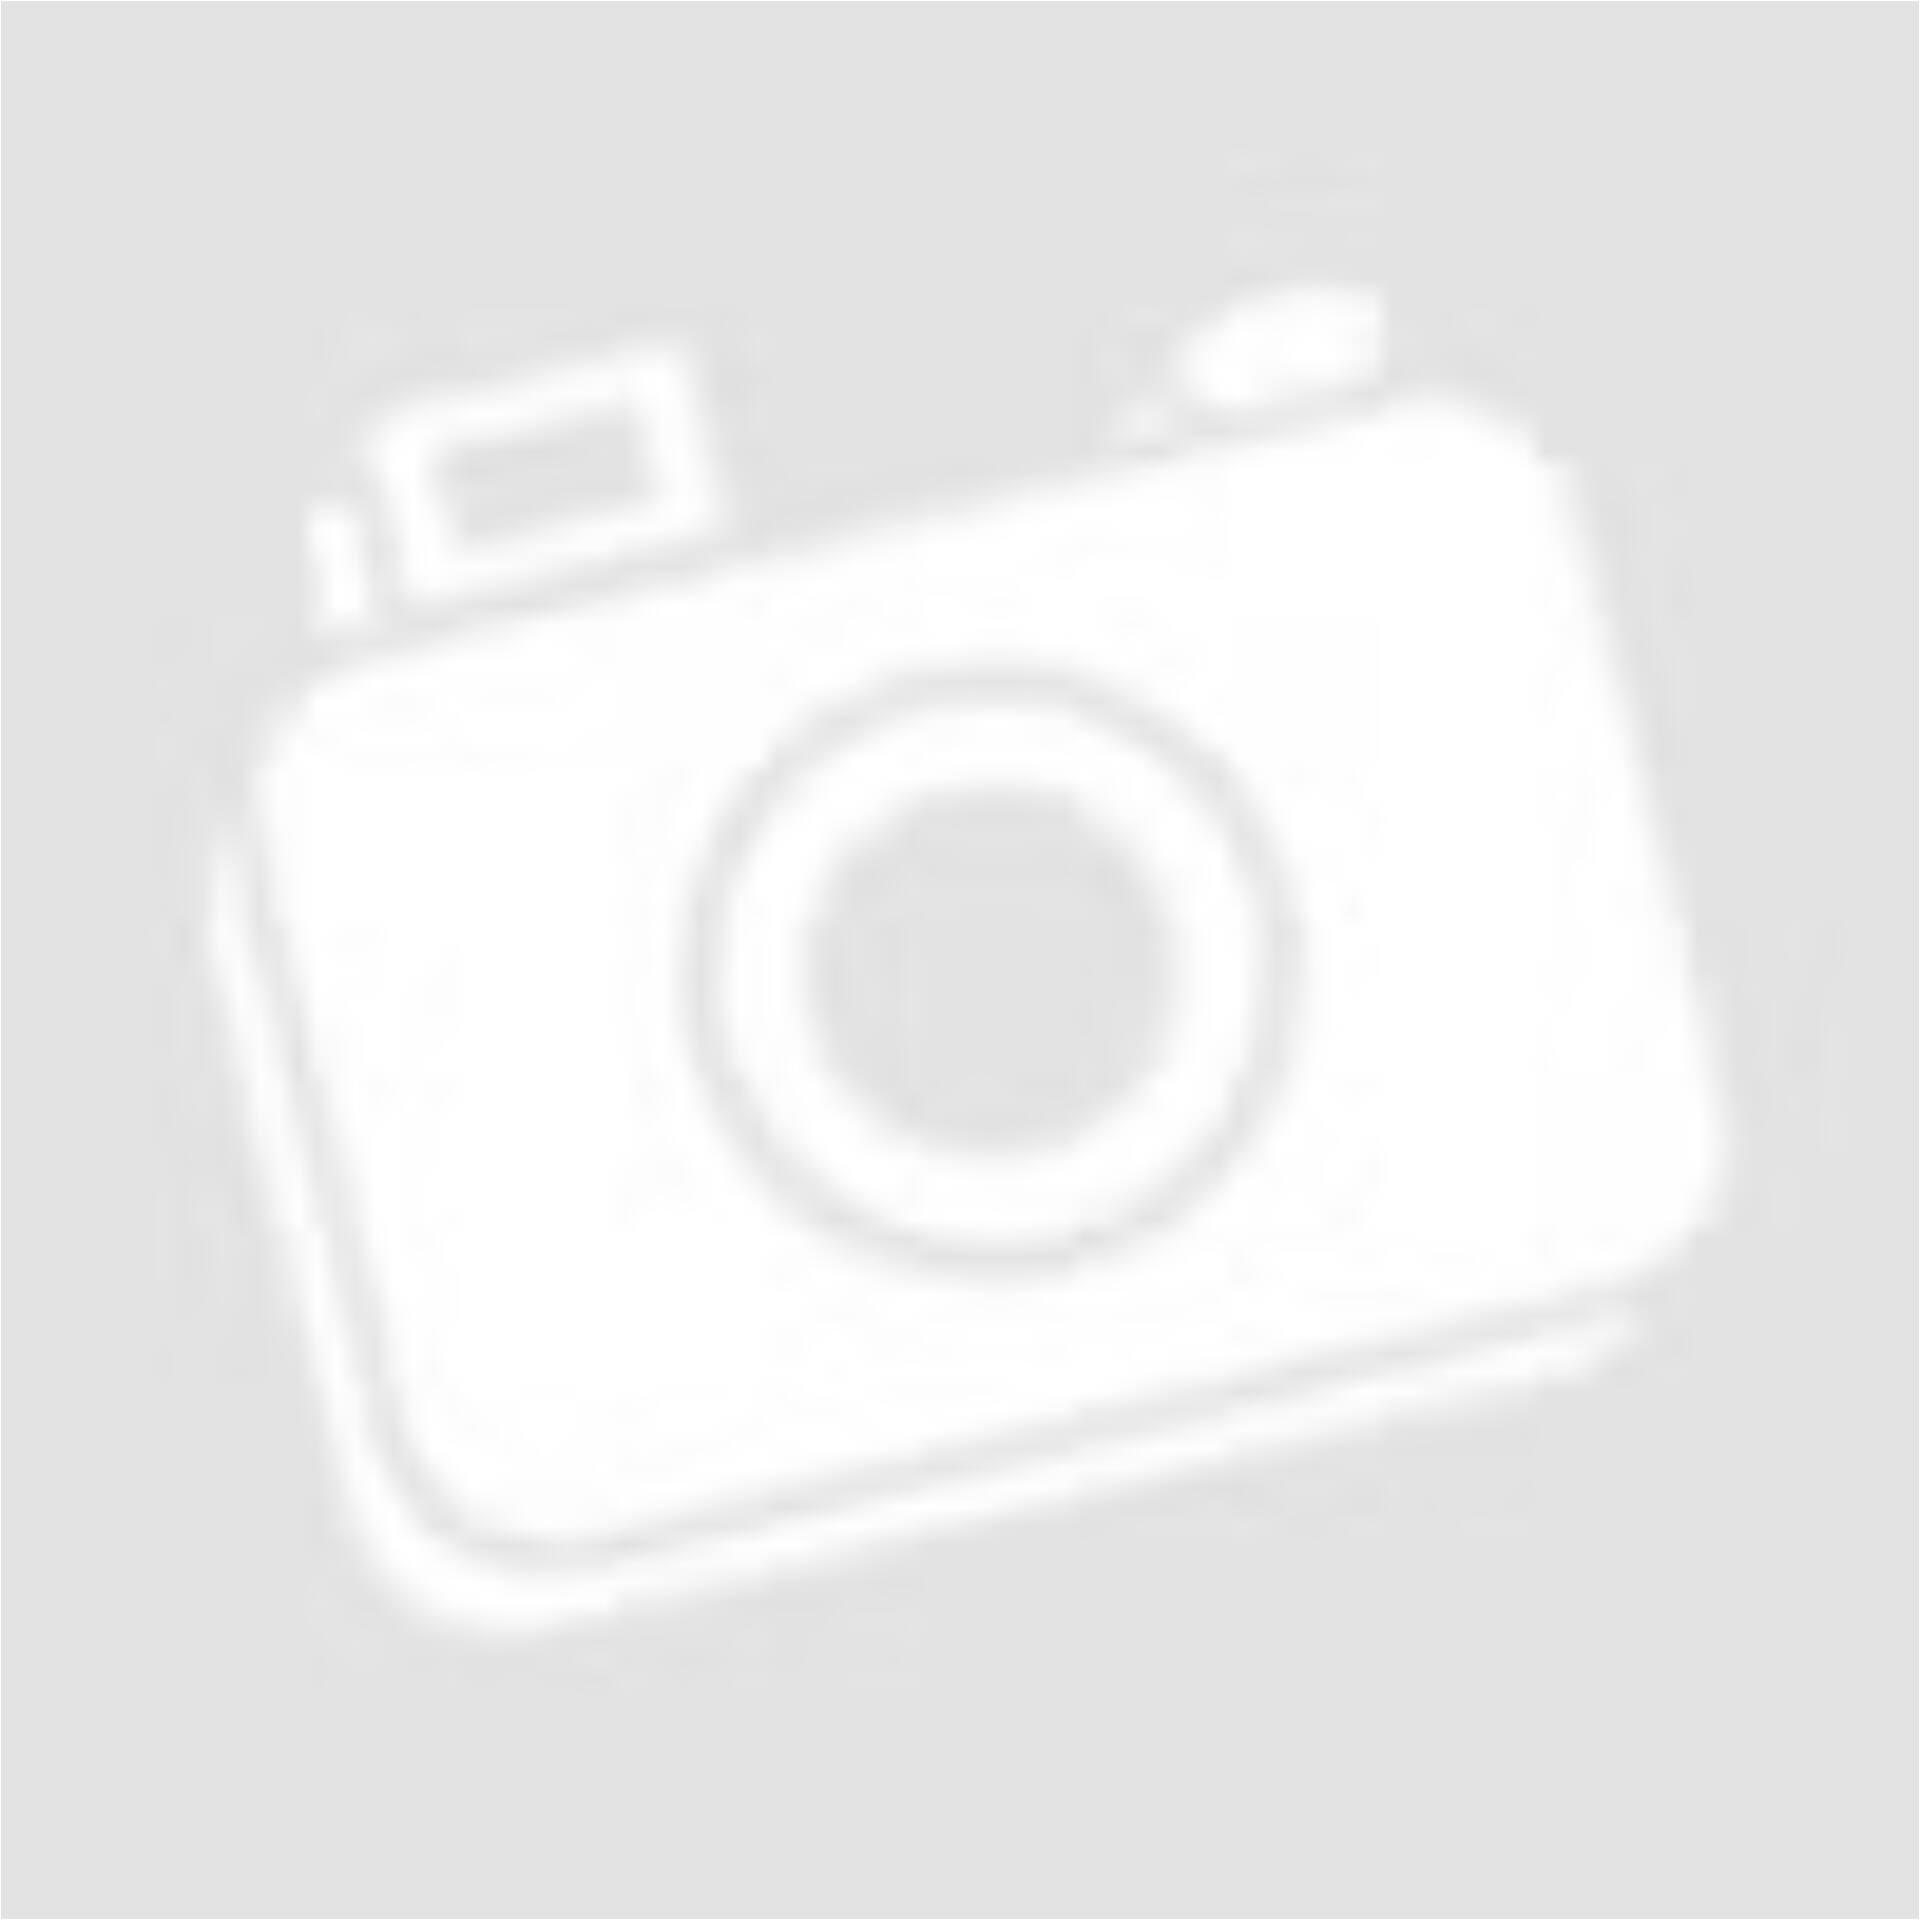 ad78e9b817 H&M bordó-fehér kockás férfi ing (Méret: XL) - Ing - Öltözz ki ...